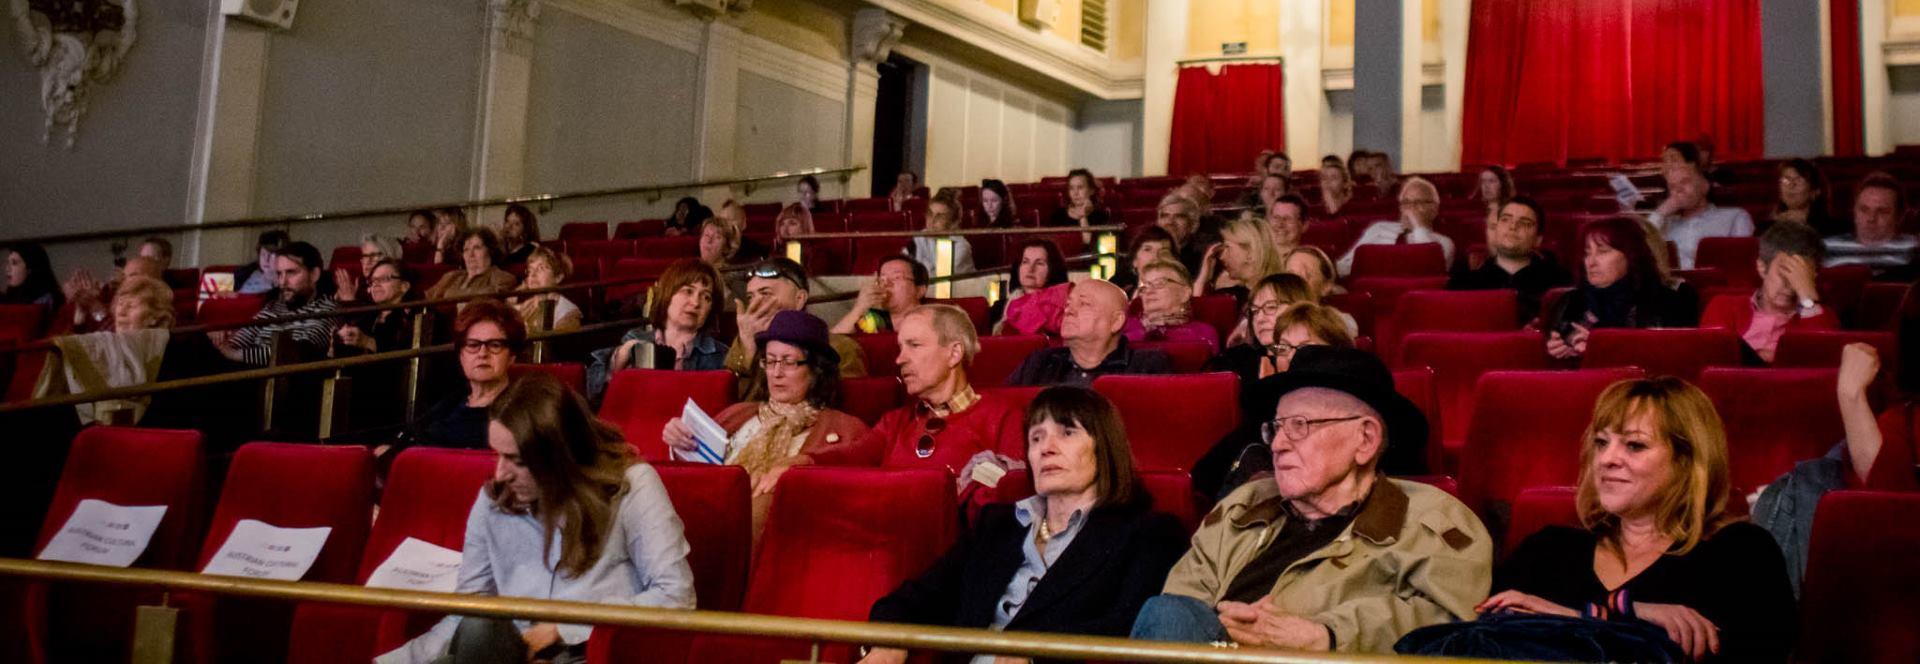 FOTO: Šest dokumentarnih filmova prikazano tijekom drugog dana Festivala tolerancije